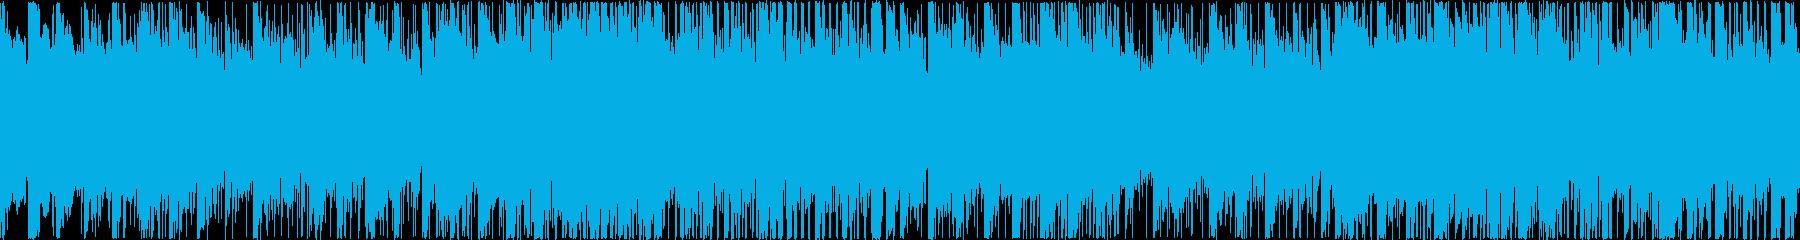 明るく、楽しい、元気な、シンセ系の楽曲…の再生済みの波形